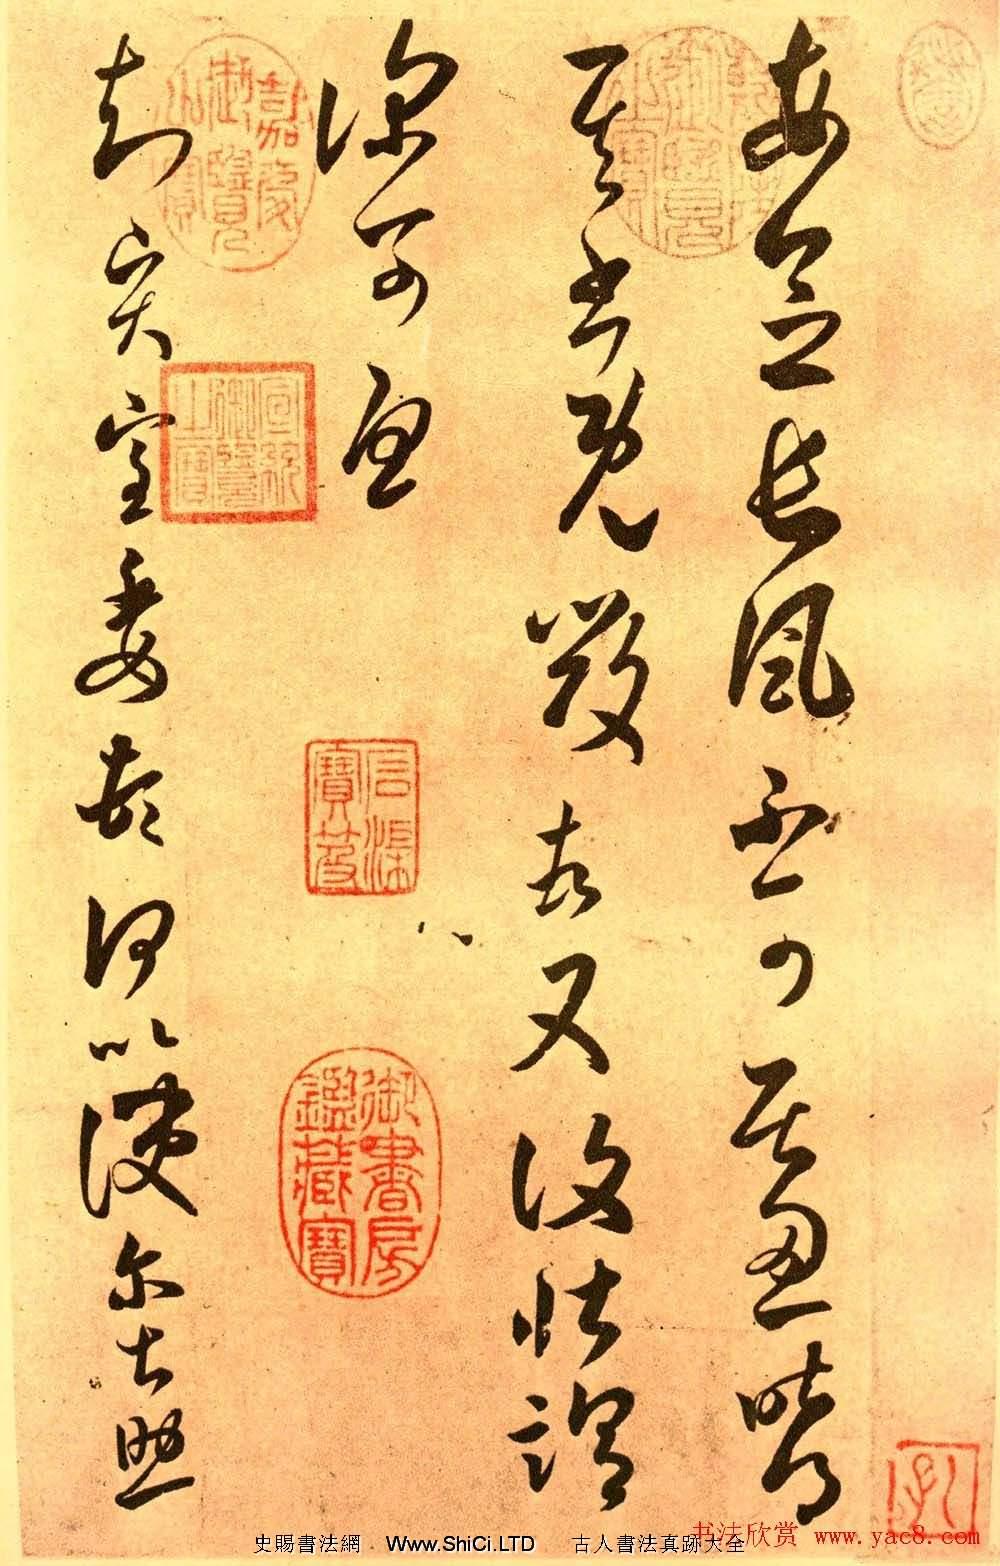 褚遂良草書真跡欣賞臨摹王羲之《長風帖》(共6張圖片)